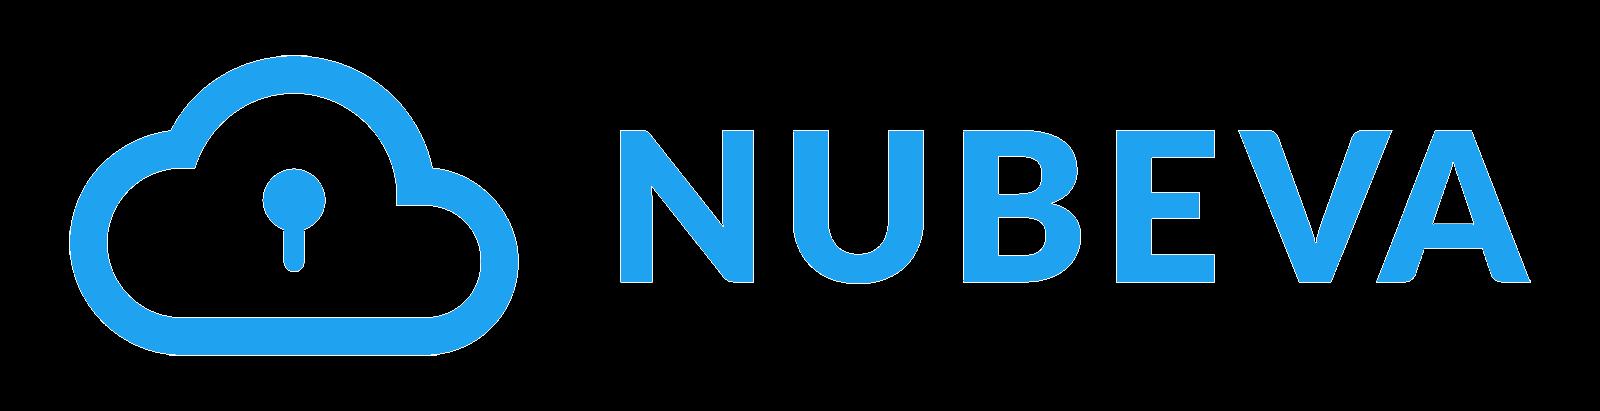 nubeva_logo_wide_1600_blue